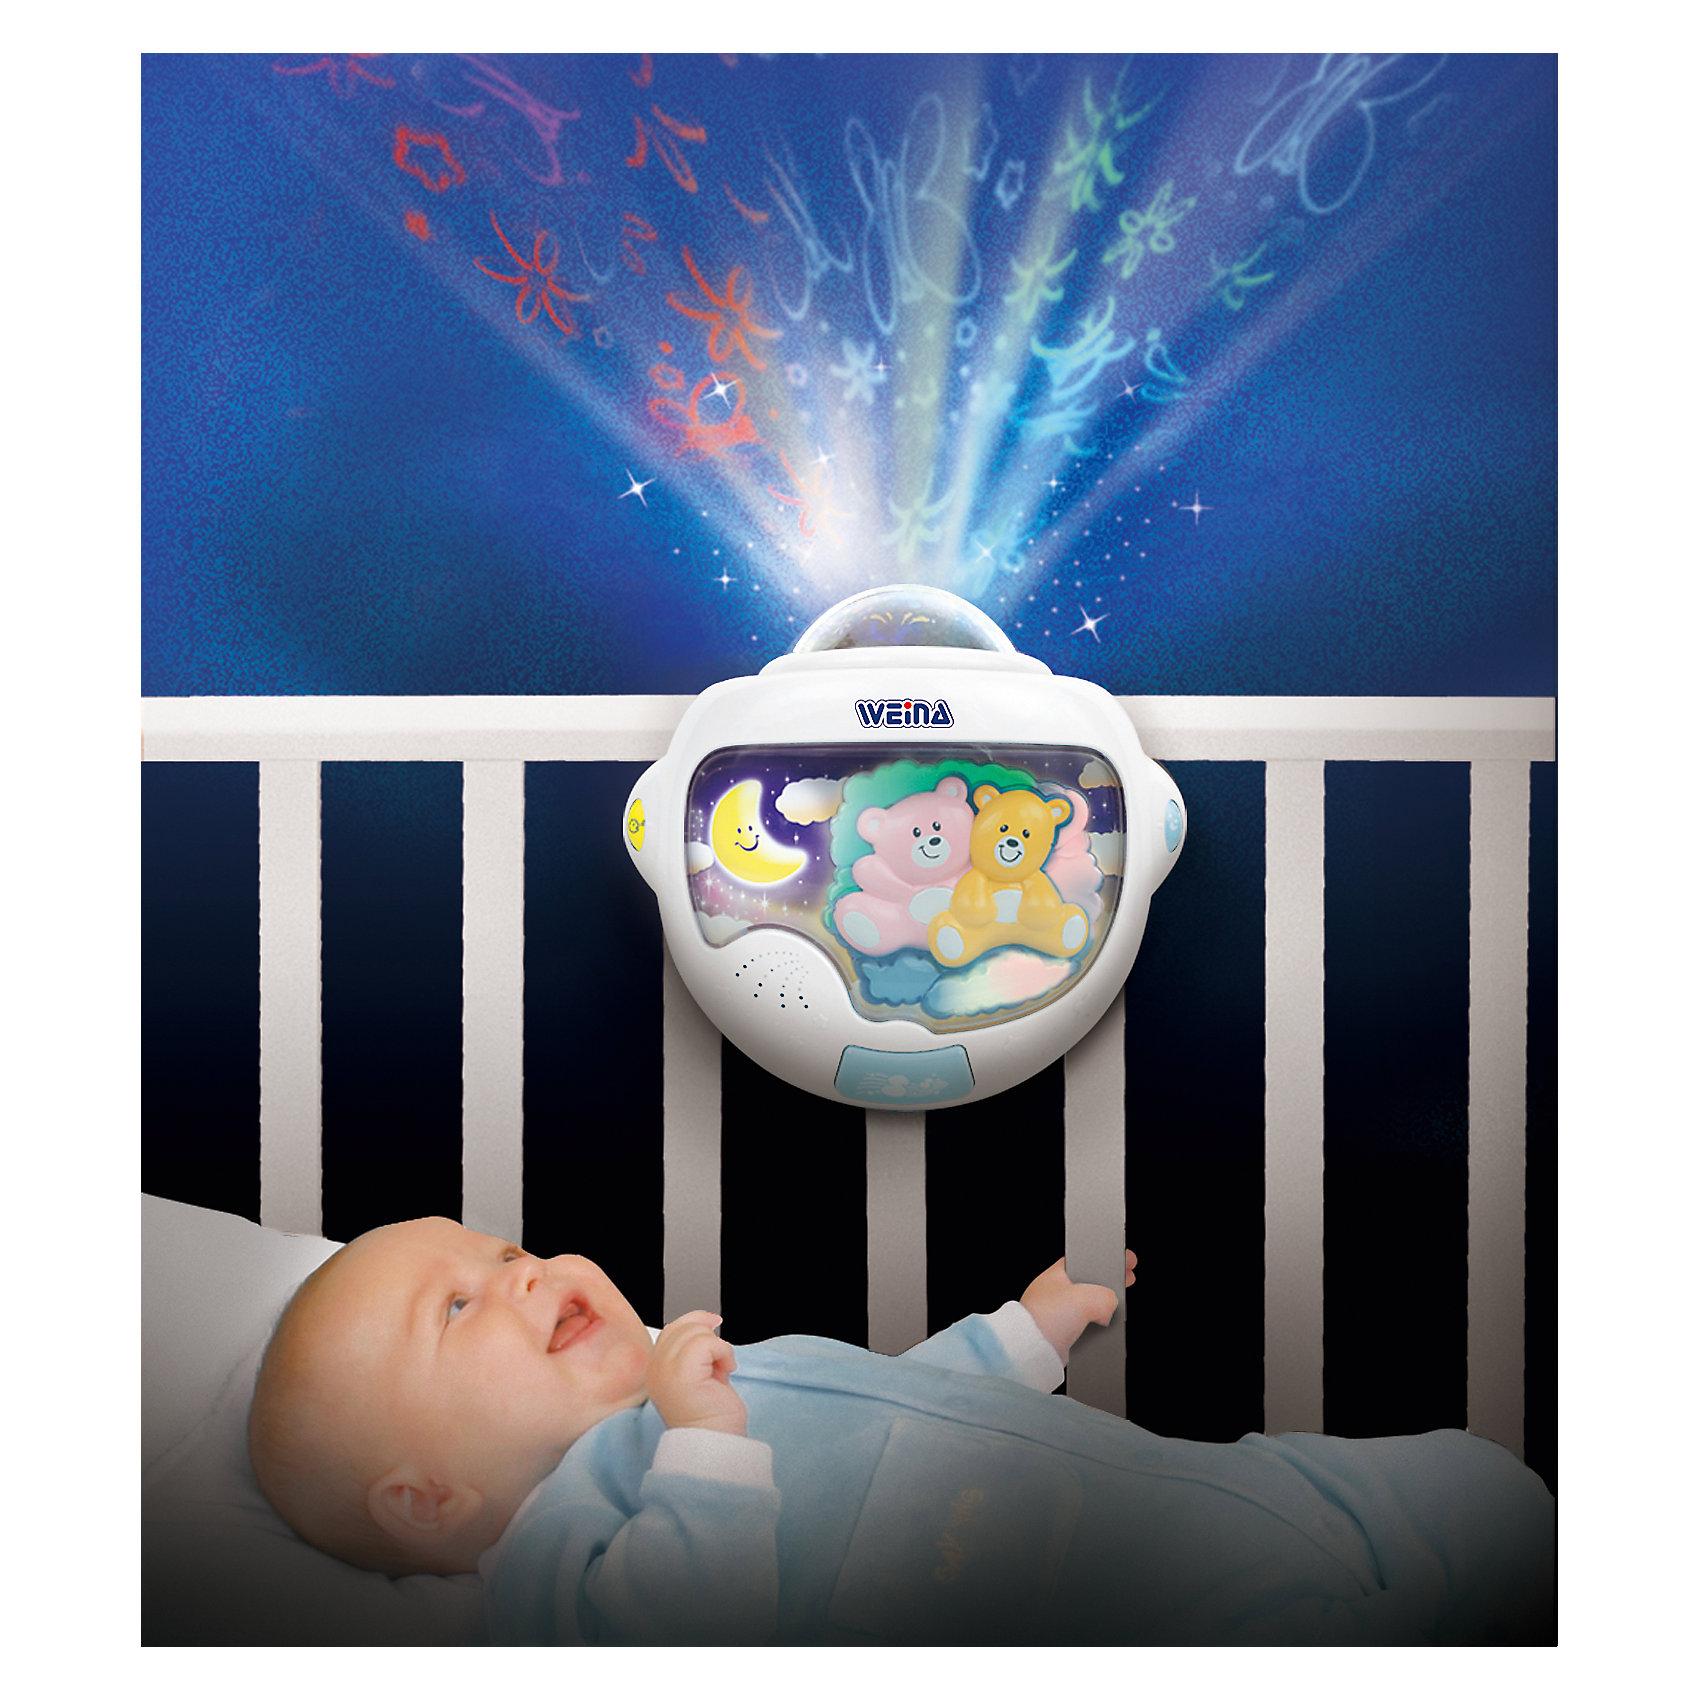 Ночник-проектор Звёздные мишки, WeinaНочник-проектор Тедди, Weina поможет создать мягкое освещение в комнате малыша, которое каждый раз будет настраивать его на здоровый сон.  Ночник-проектор в детской убаюкает малыша нежными мелодиями, когда это необходимо и развлечет кроху картинками, когда пришло время бодрствовать.  Приятные мелодии, мягкий свет и движущиеся картинки от проектора помогут ребенку успокоиться после дня полного ярких впечатлений и отправиться смотреть сказочные сны. У ночника есть датчик, благодаря которому он заметит, что кроха проснулся и включит убаюкивающую мелодию. Для удобства родителей и малыша все функции прибора можно включать отдельно и регулировать громкость звука.<br><br>Дополнительная информация:<br><br>- Подходит для детей с рождения;<br>- Регулировка громкости звука;<br>- Специальный датчик включает музыку, если ребенок проснулся;<br>- Функции проектора, ночника и музыки разделены<br>- Ночник работает от 3 батареек AA (1.5 В), входят в комплект;<br>- Размеры ночника: 25 х 15 х 23 см.<br><br>Ночник-проектор Тедди, Weina можно купить в нашем интернет-магазине.<br><br>Ширина мм: 670<br>Глубина мм: 570<br>Высота мм: 240<br>Вес г: 5200<br>Возраст от месяцев: 0<br>Возраст до месяцев: 24<br>Пол: Унисекс<br>Возраст: Детский<br>SKU: 3979987